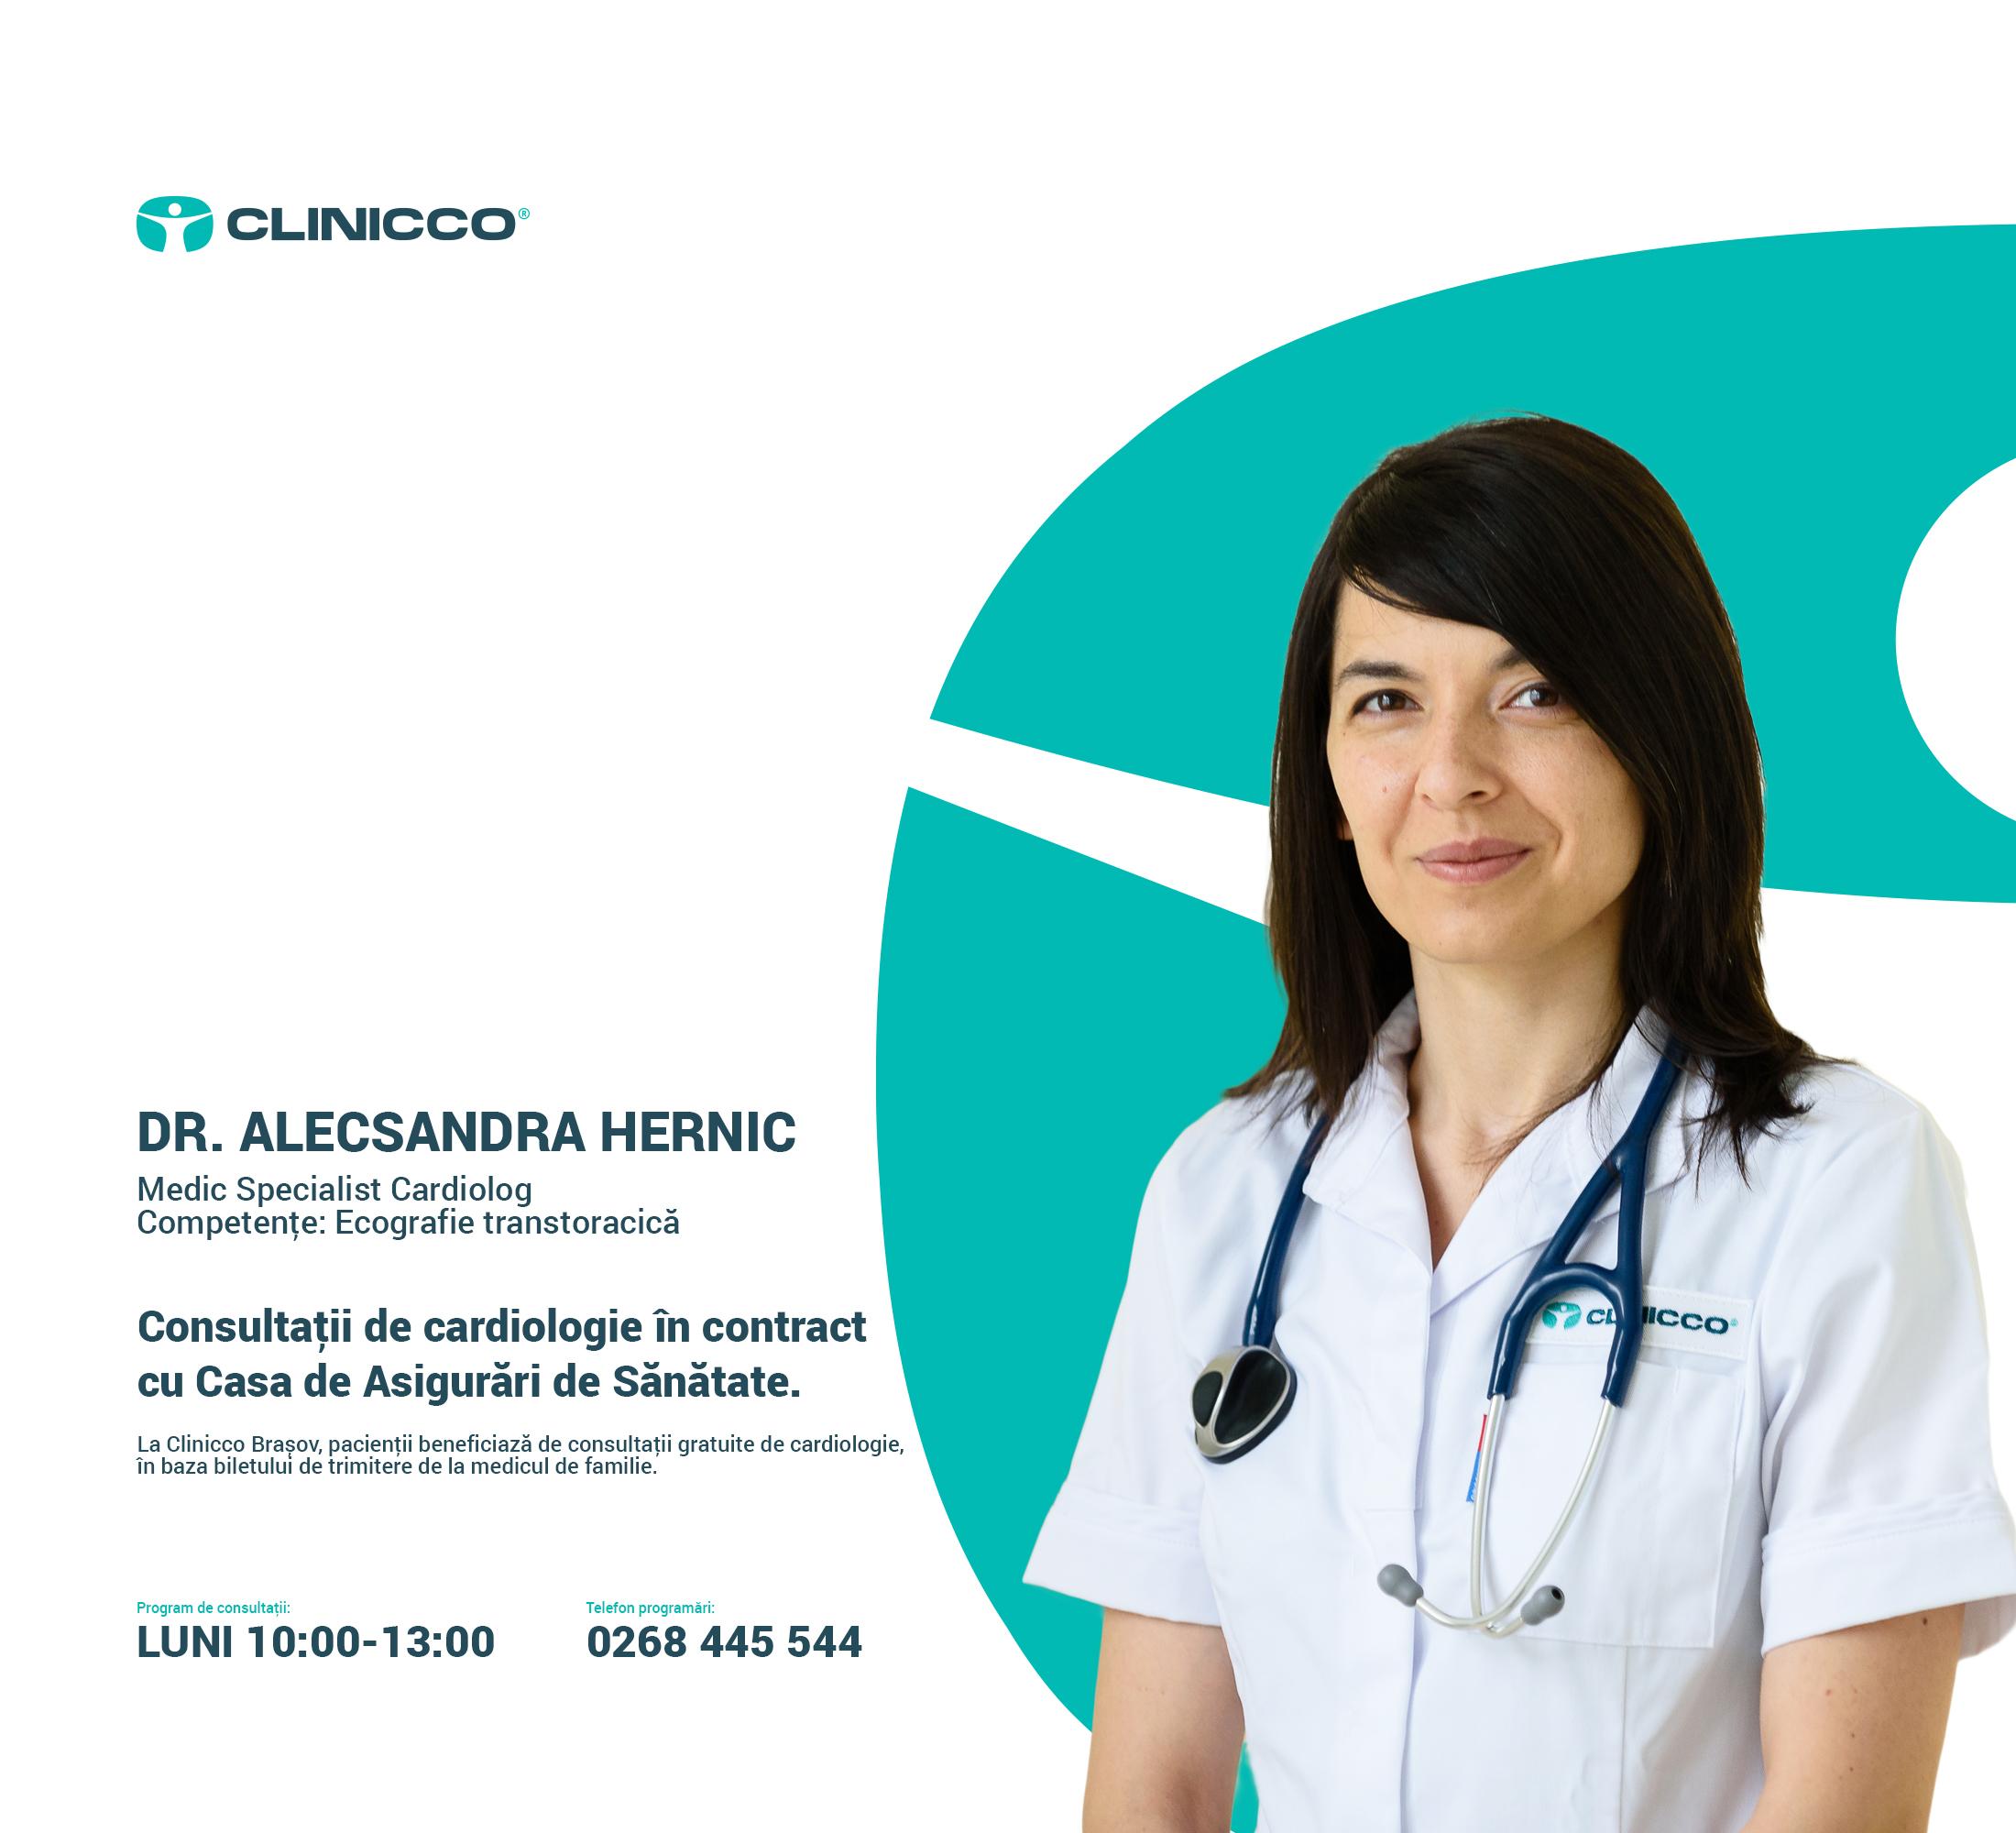 Consultații gratuite de cardiologie cu Casa de Asigurări de Sănătate